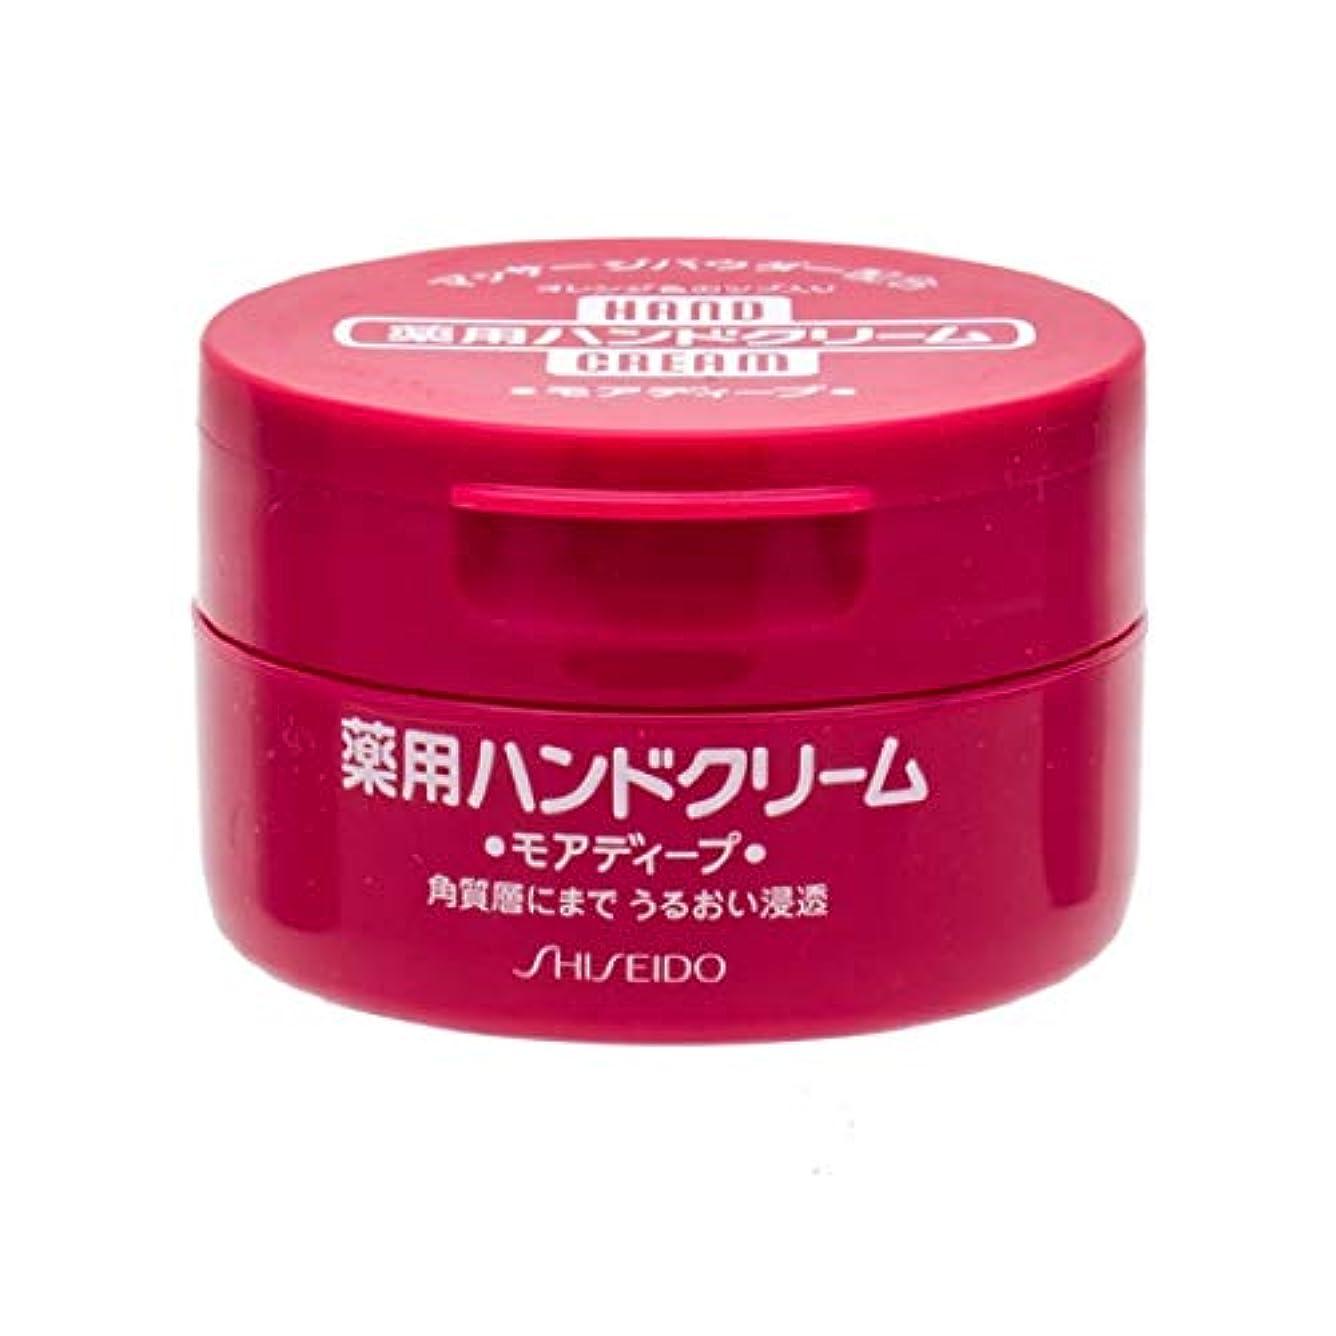 症状位置するリーチ資生堂 ハンドクリーム(薬用モアディープ) 100g 【医薬部外品】